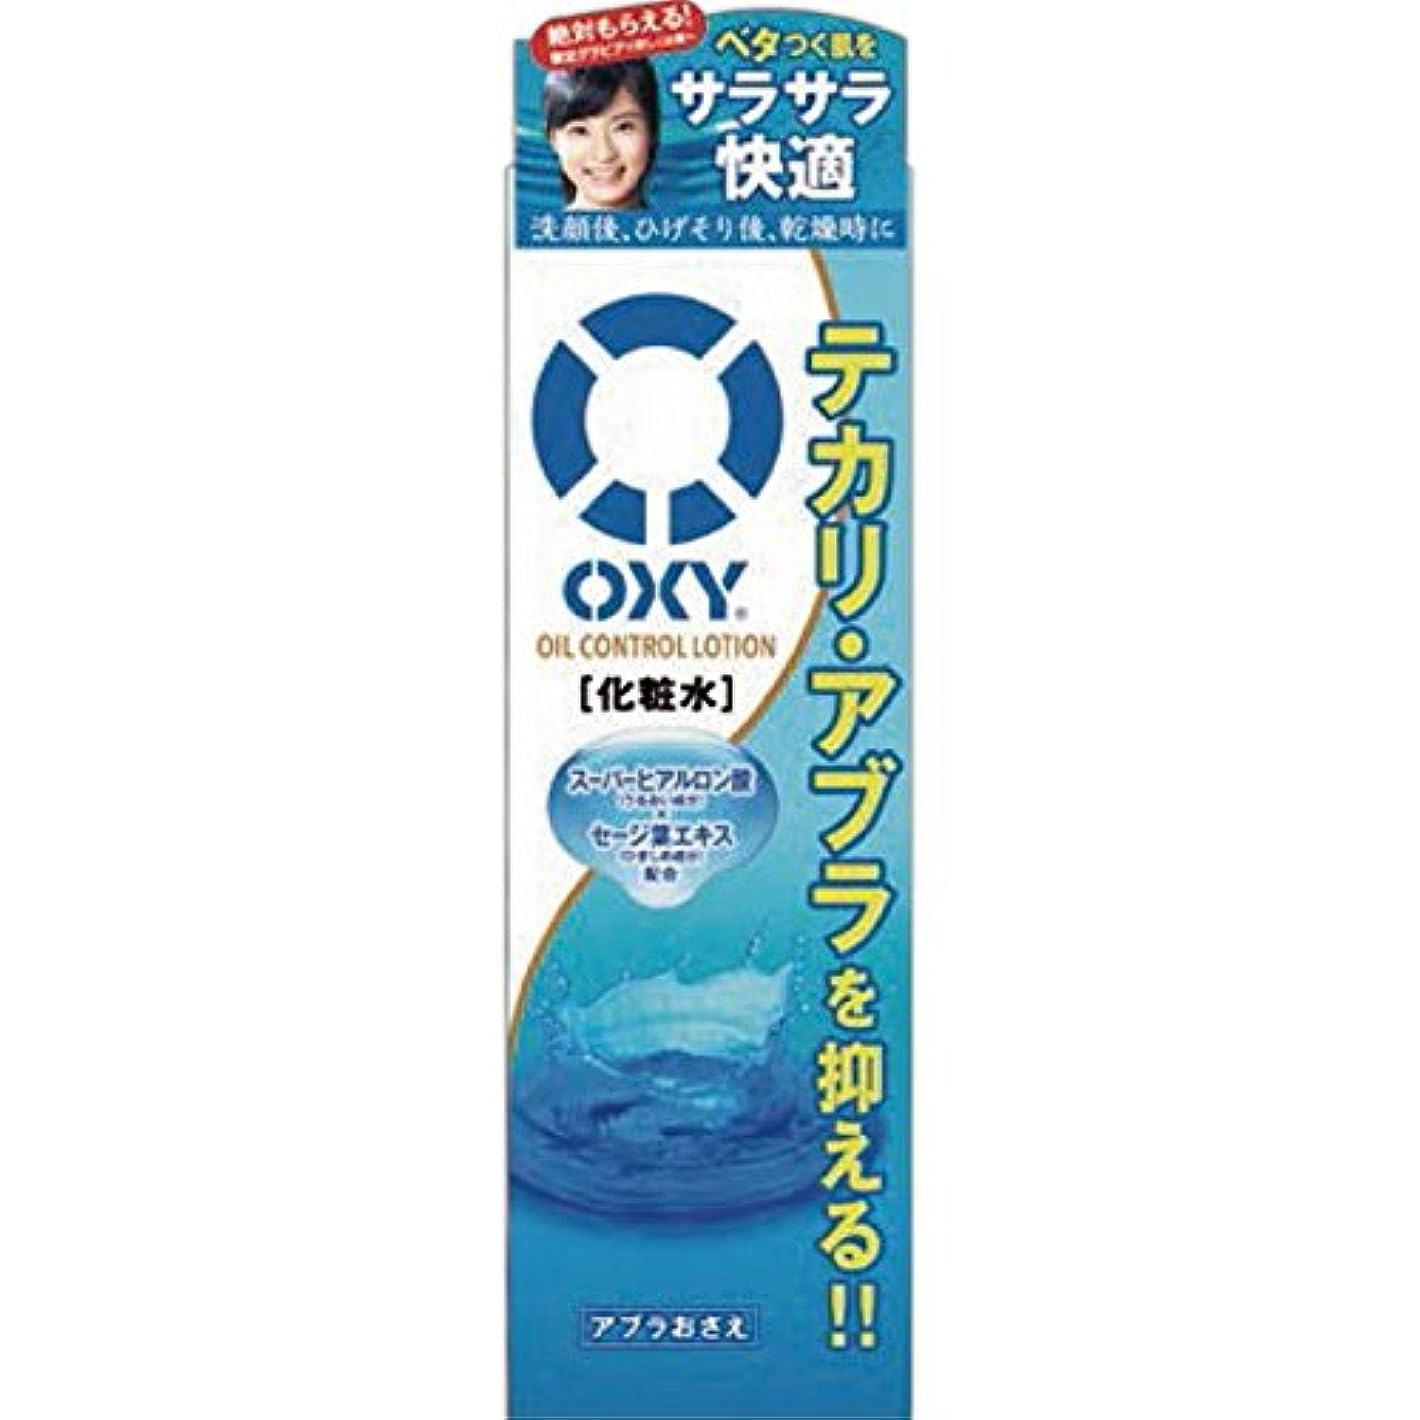 出身地許容花に水をやるオキシー (Oxy) オイルコントロールローション スーパーヒアルロン酸×セージ葉エキス配合 ゼラニウムの香 170mL